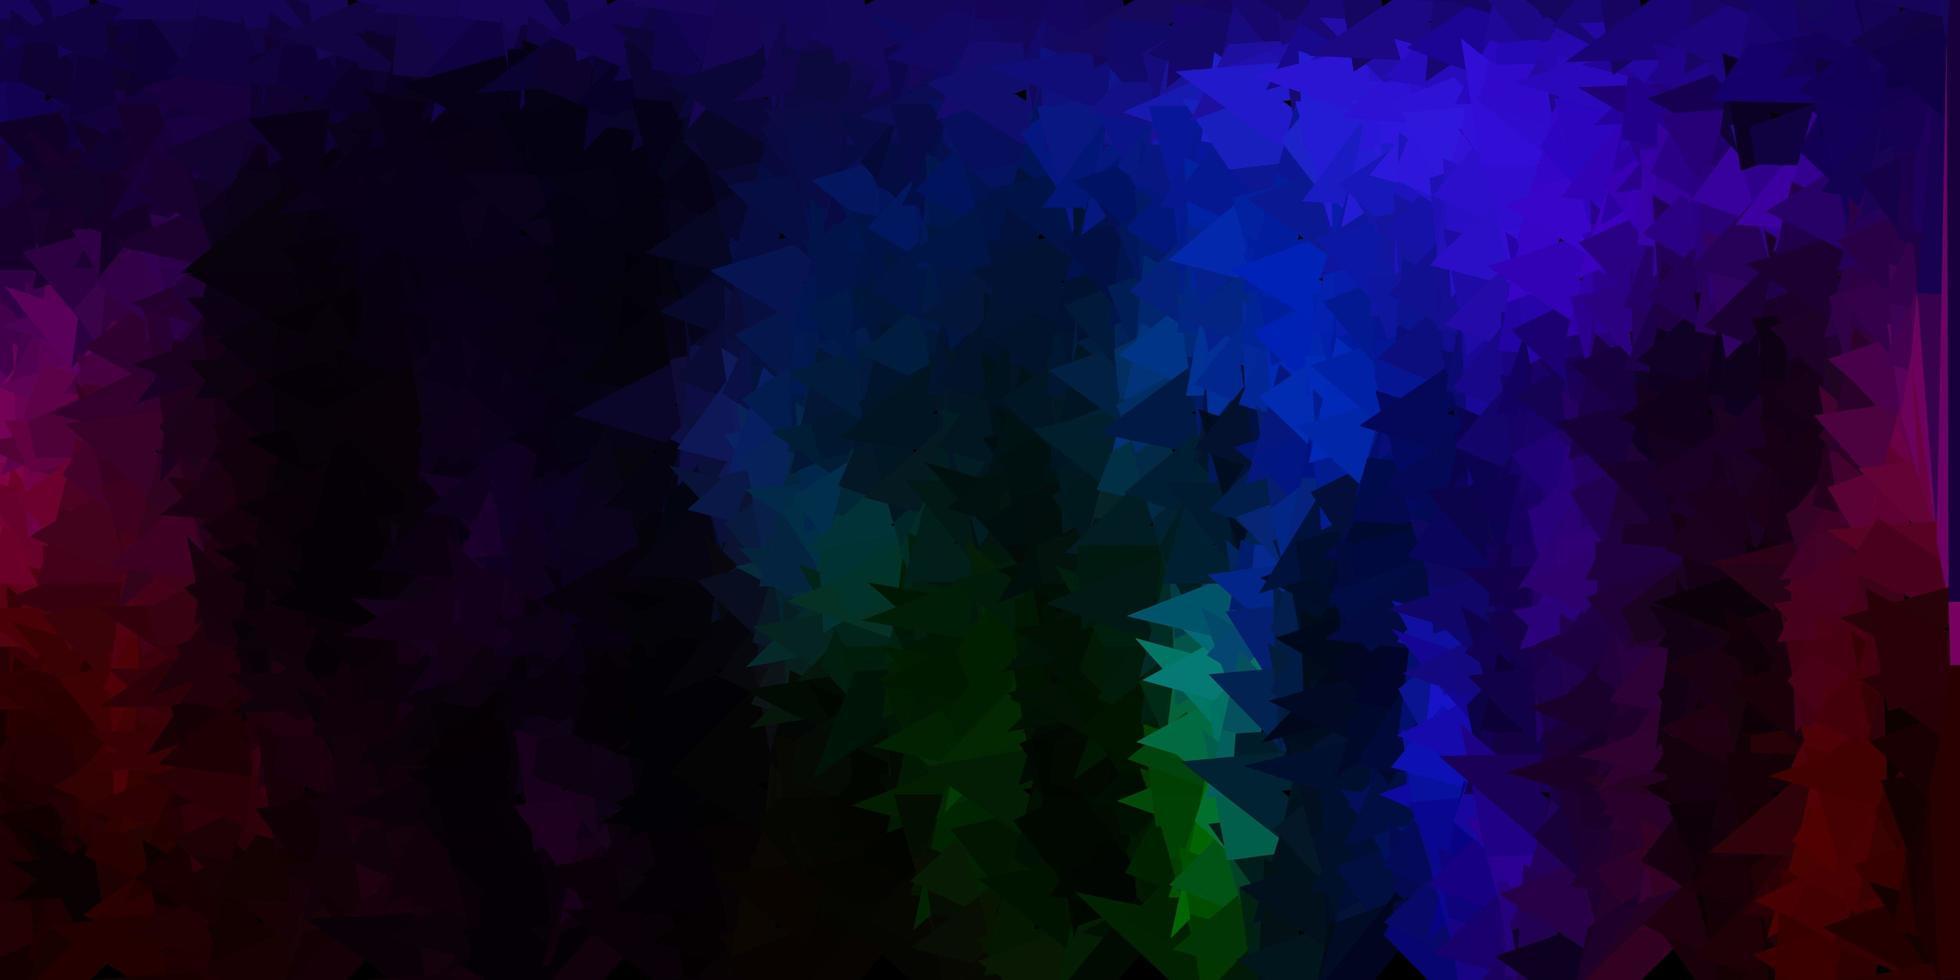 fundo do triângulo abstrato do vetor multicolorido escuro.